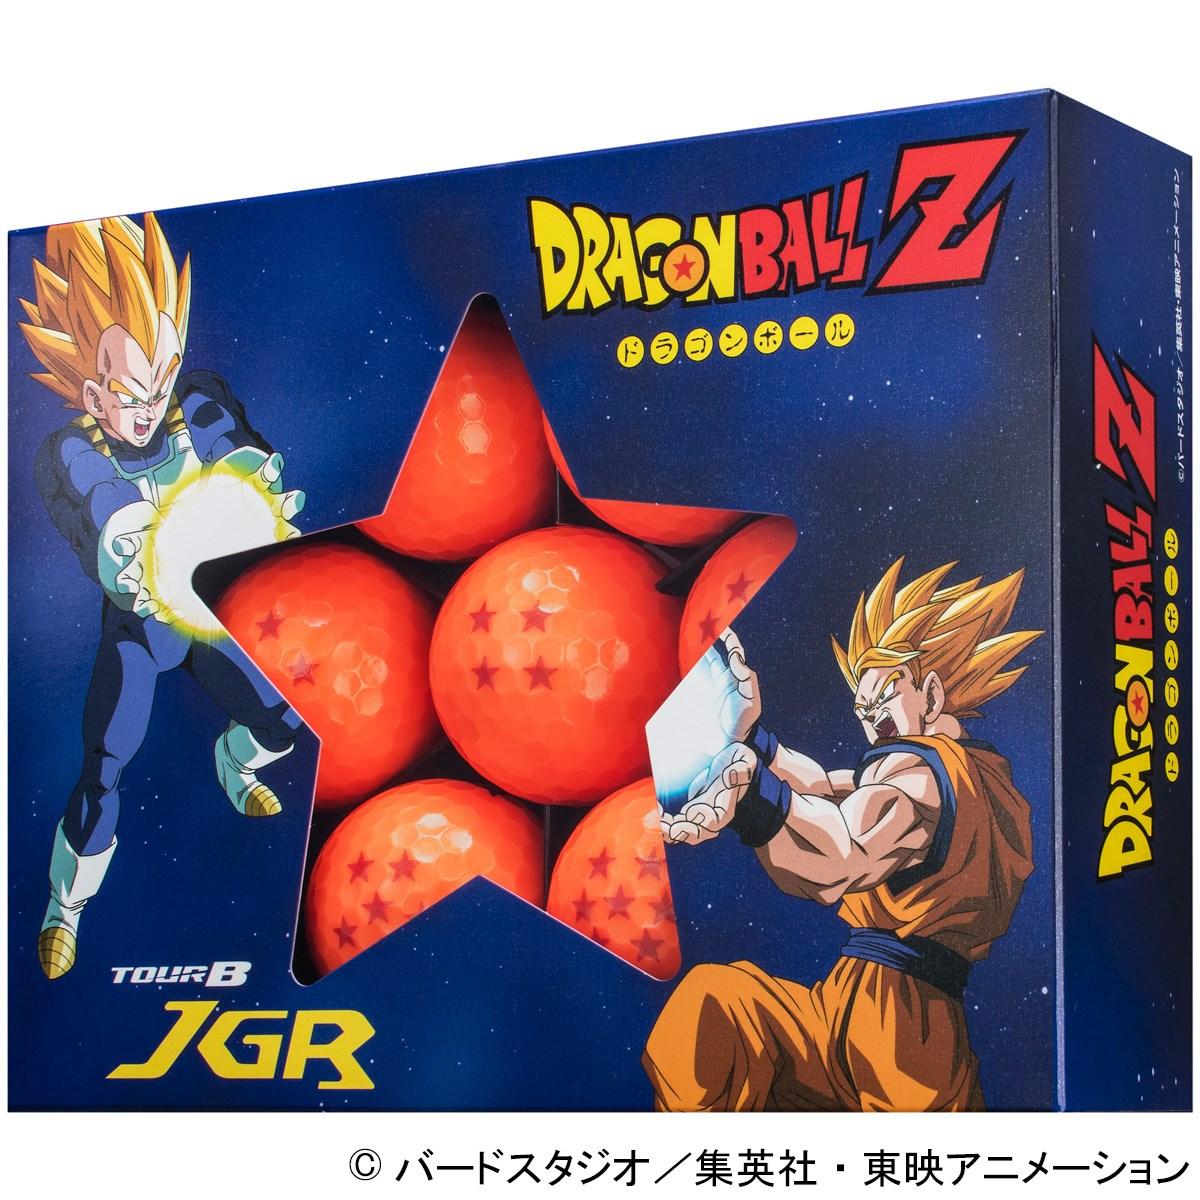 ブリヂストン(BRIDGESTONE GOLF) JGR ドラゴンボール ボール 7個セット